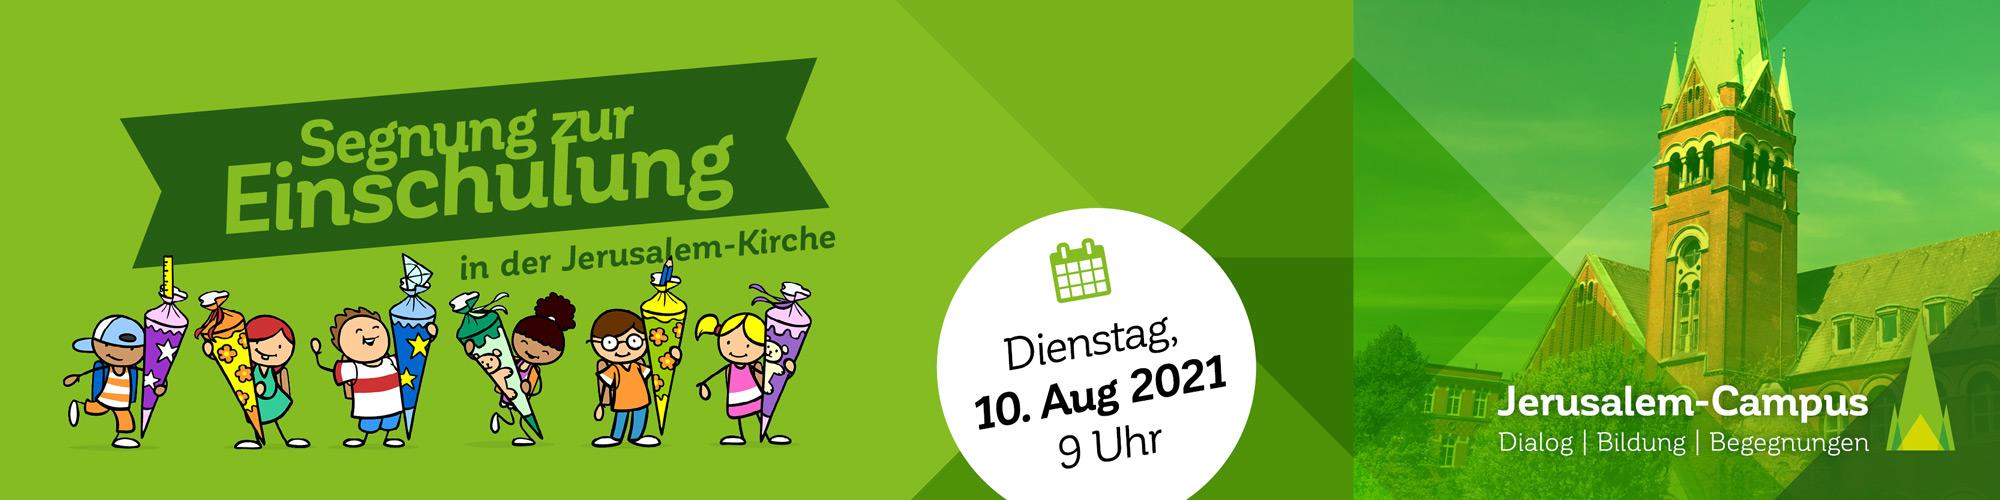 """Webbanner """"Segnung zur Einschulung 2021"""""""